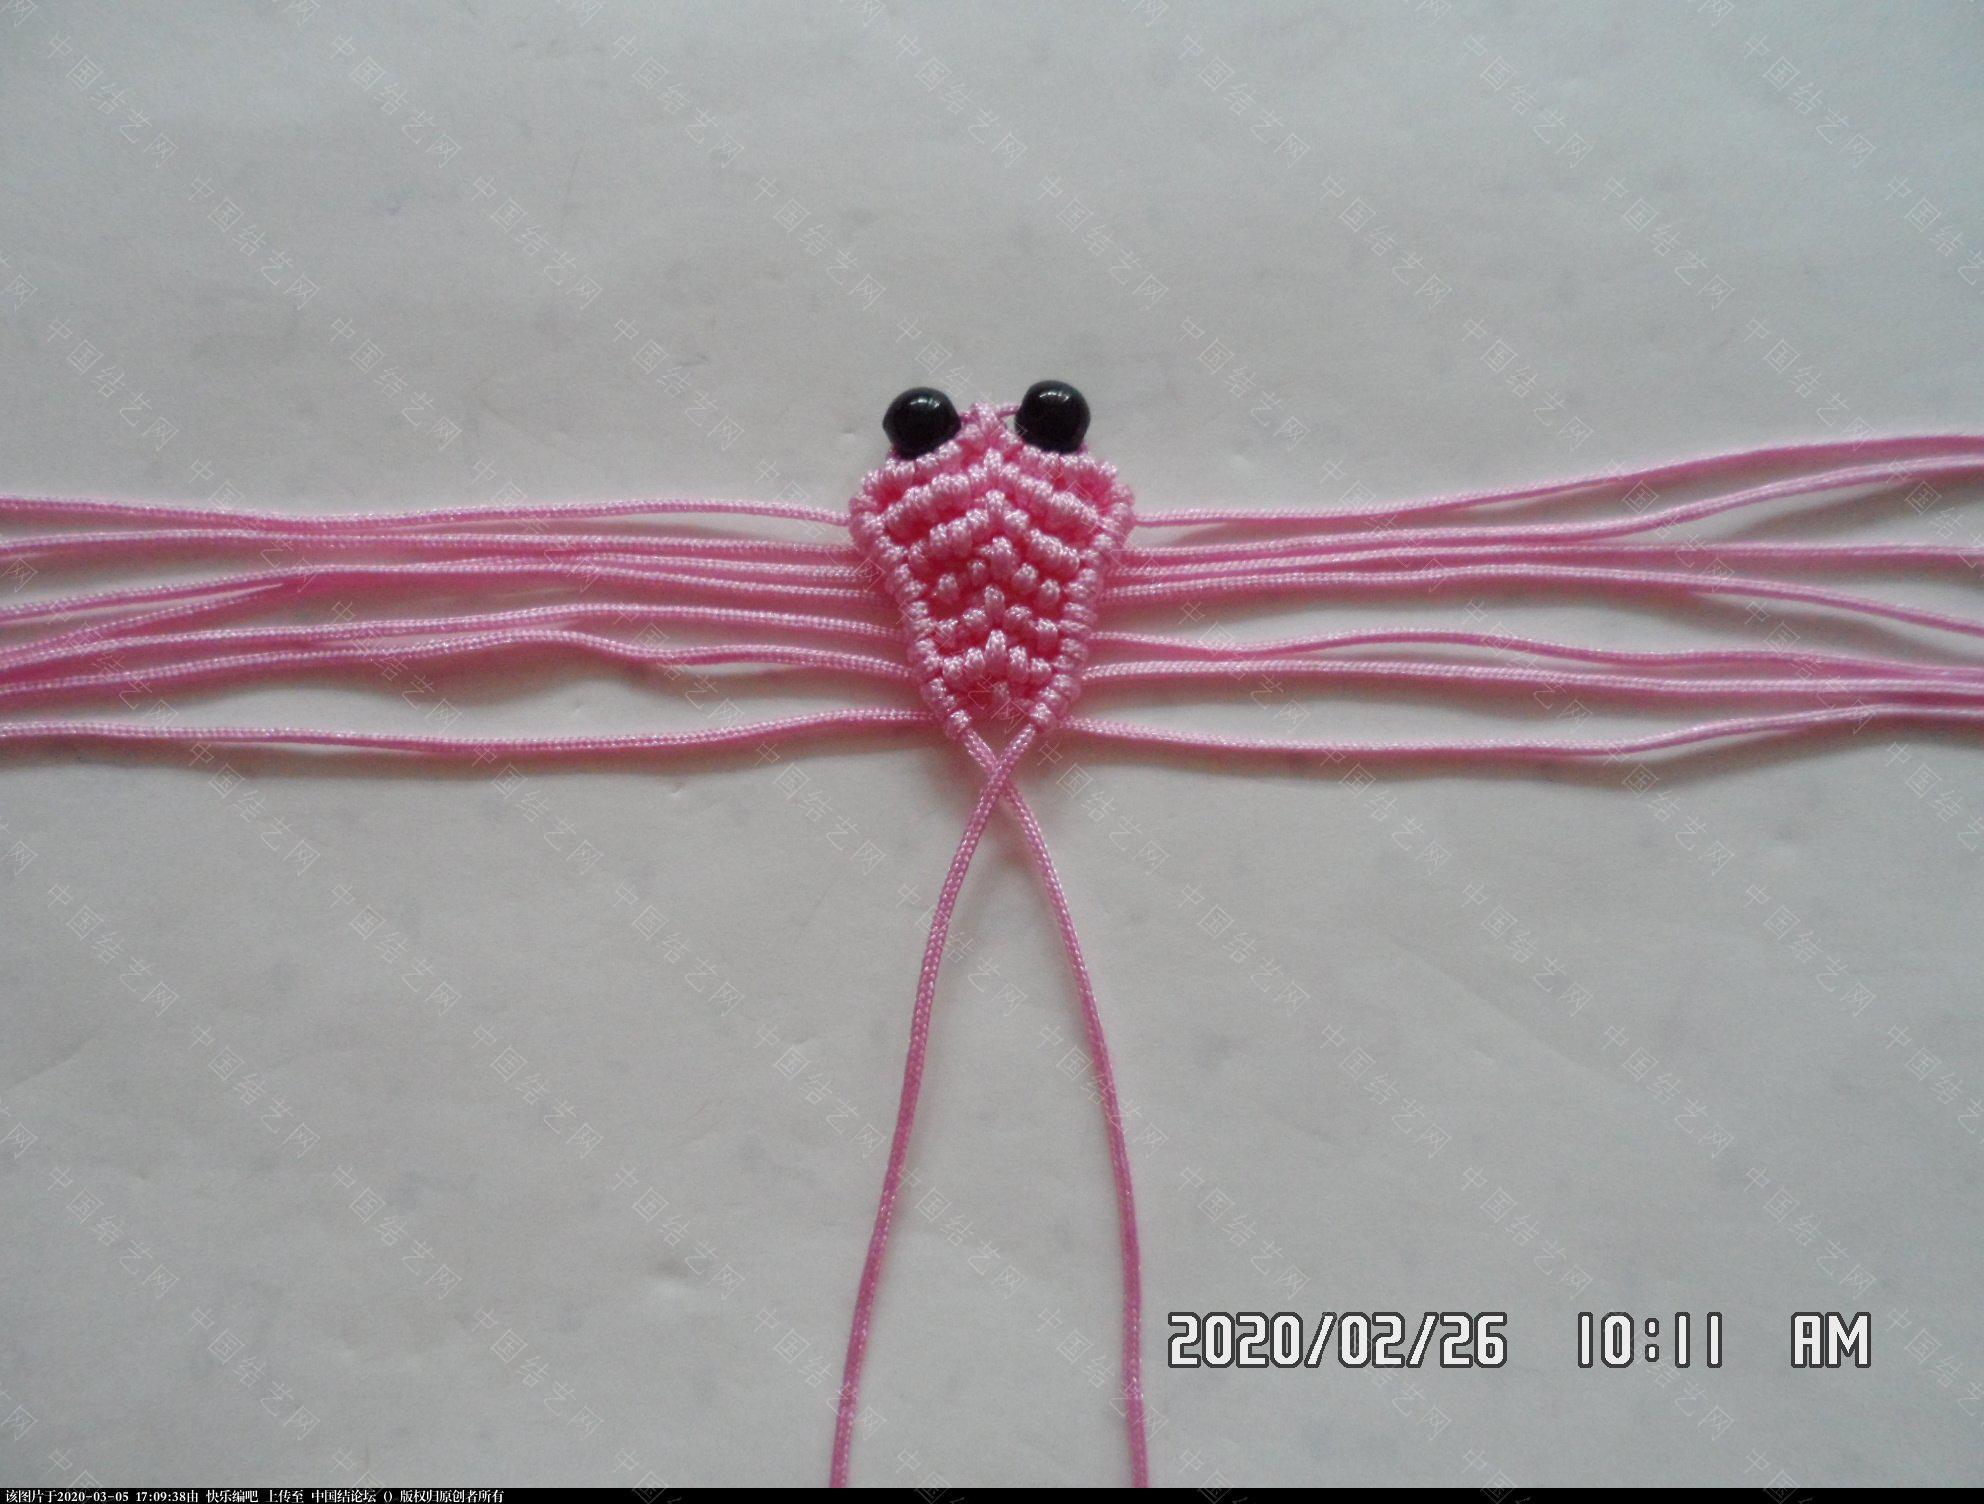 中国结论坛 一款蜻蜓书签的编法 —— 四种基本结组合练习 教程,最好的,珠子,方便,书中 图文教程区 145016vqo2od8pmjkggddm